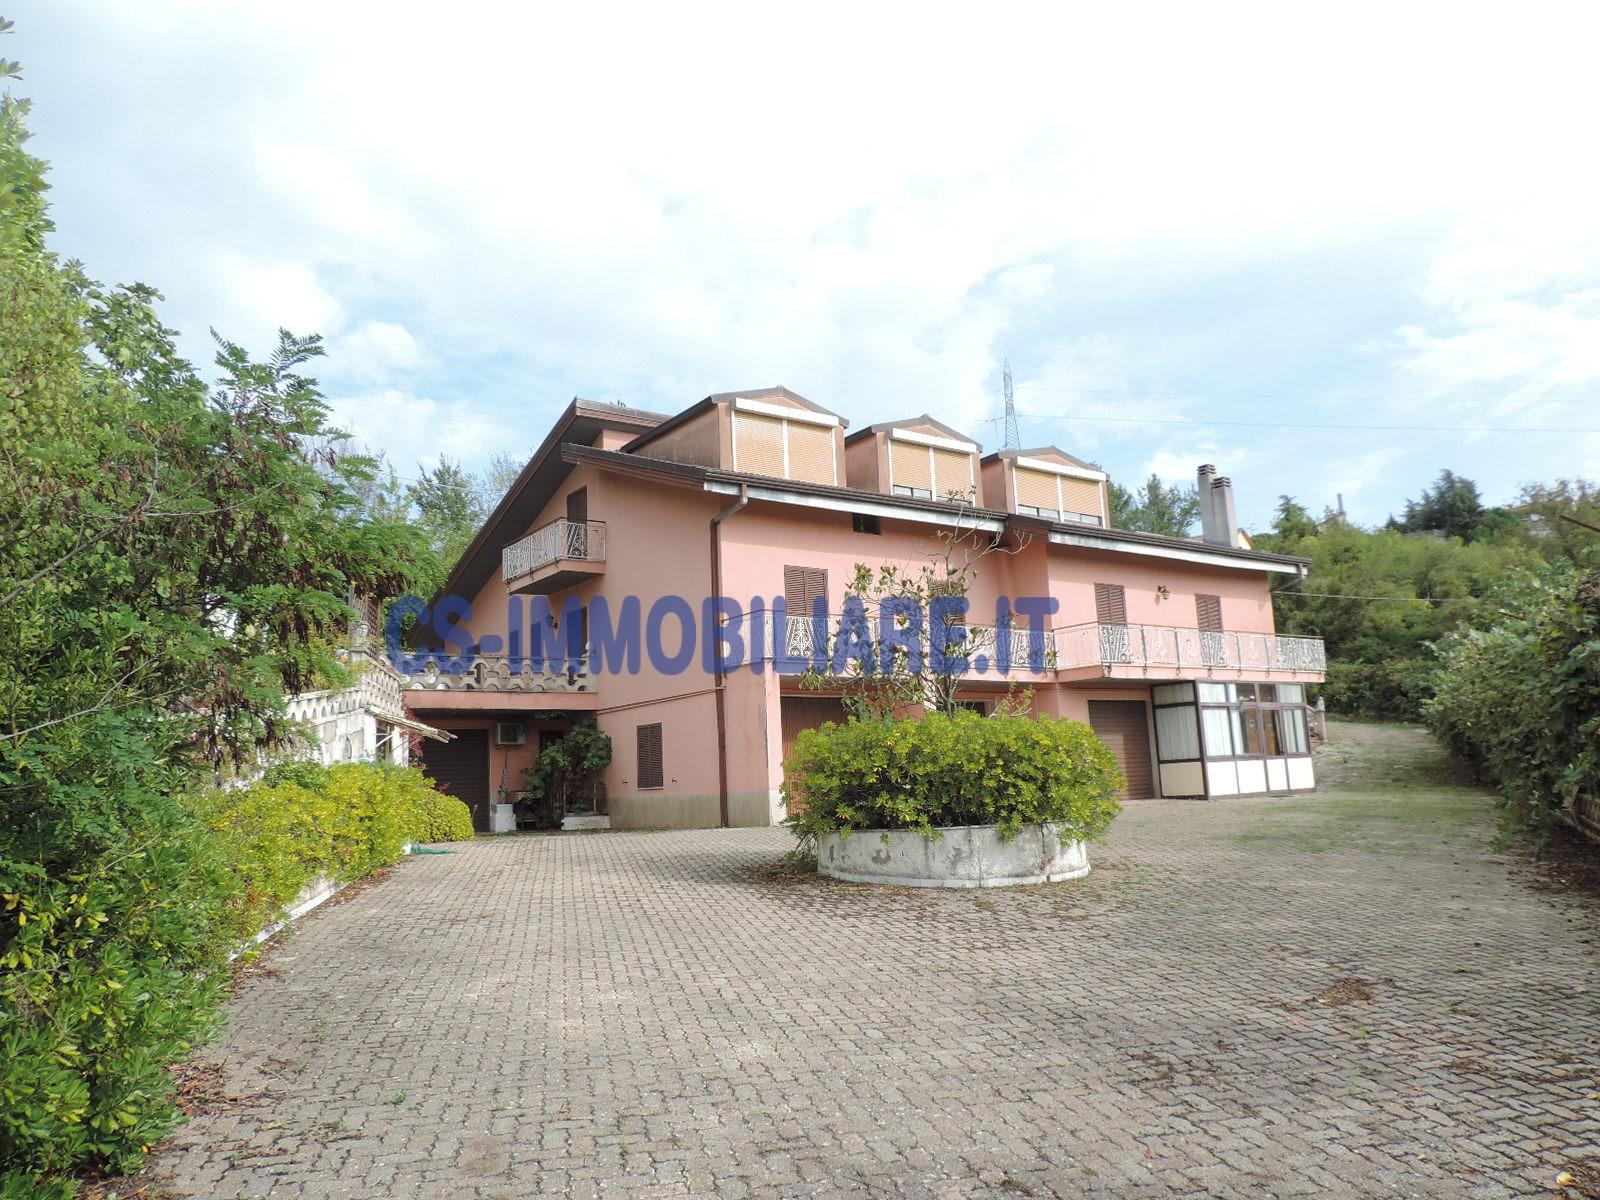 Villa in vendita a Potenza, 20 locali, prezzo € 700.000 | Cambio Casa.it